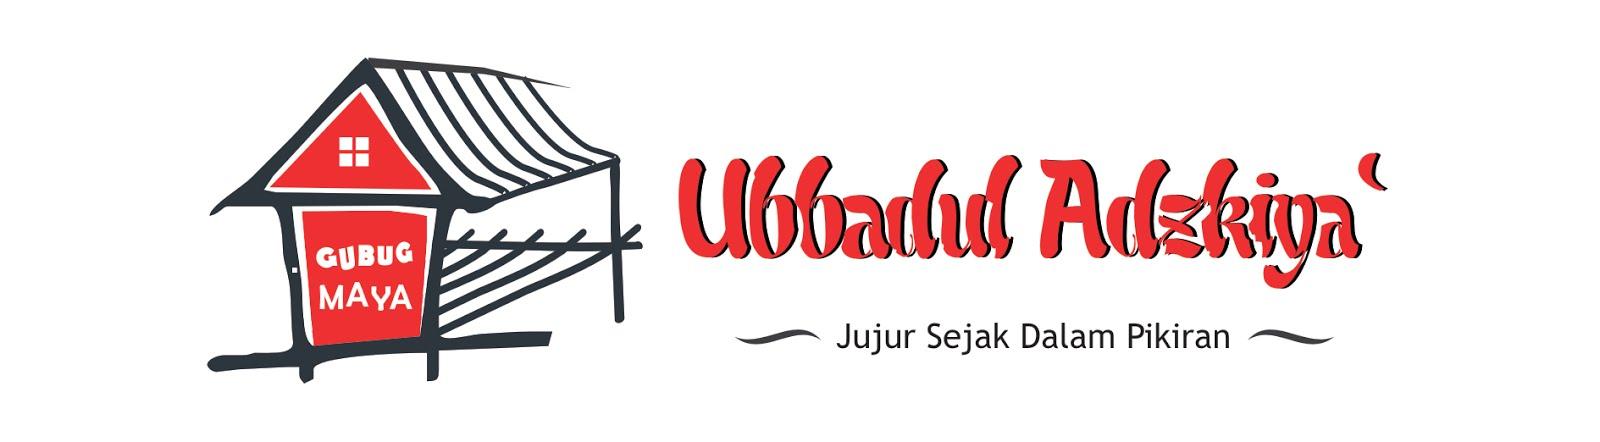 Gubug Maya Ubbadul Adzkiya'